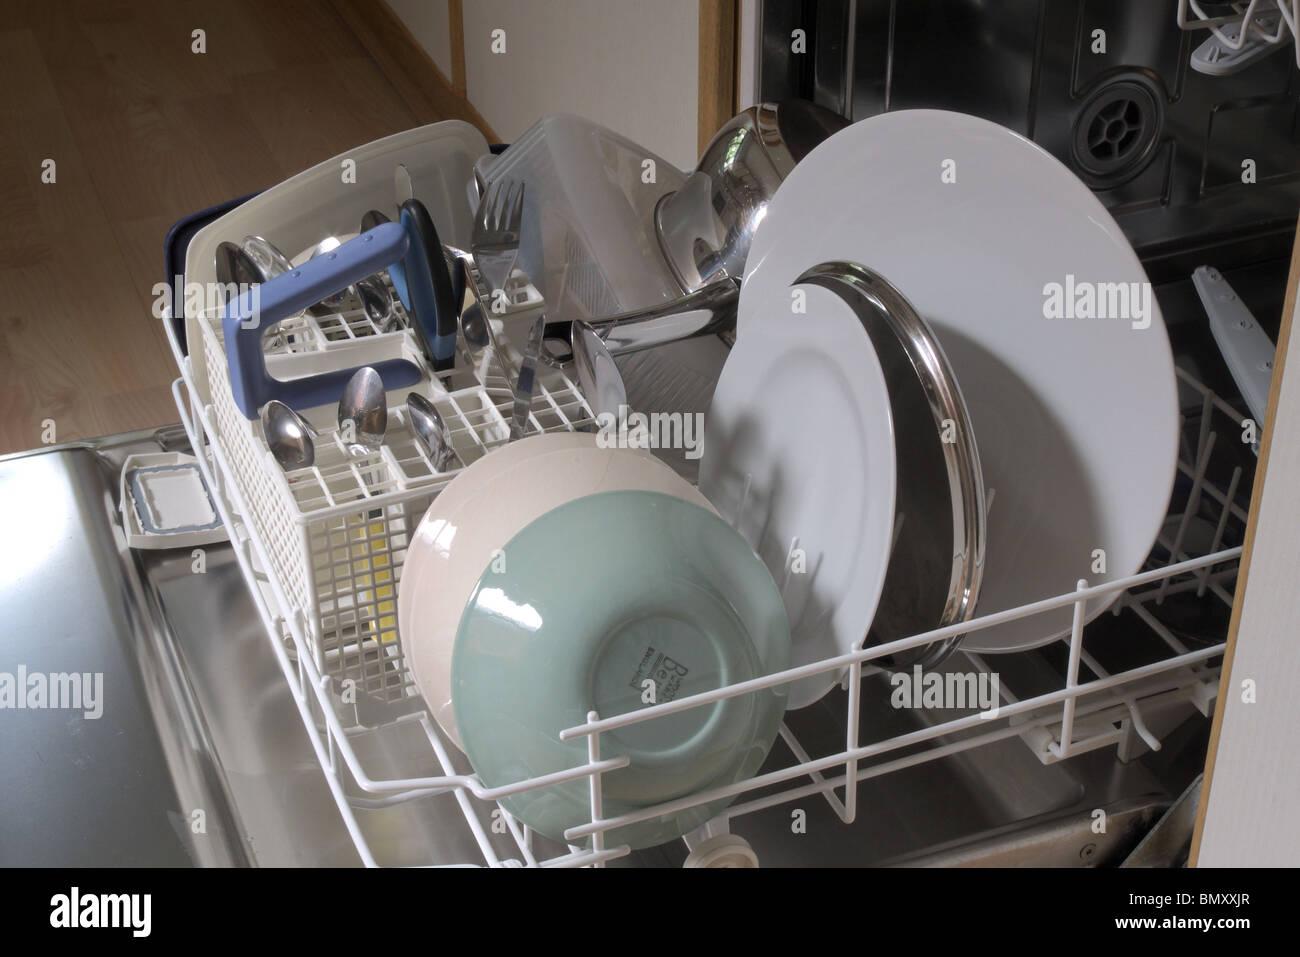 Open Domestic Dishwasher filled with Crockery, UK - Stock Image